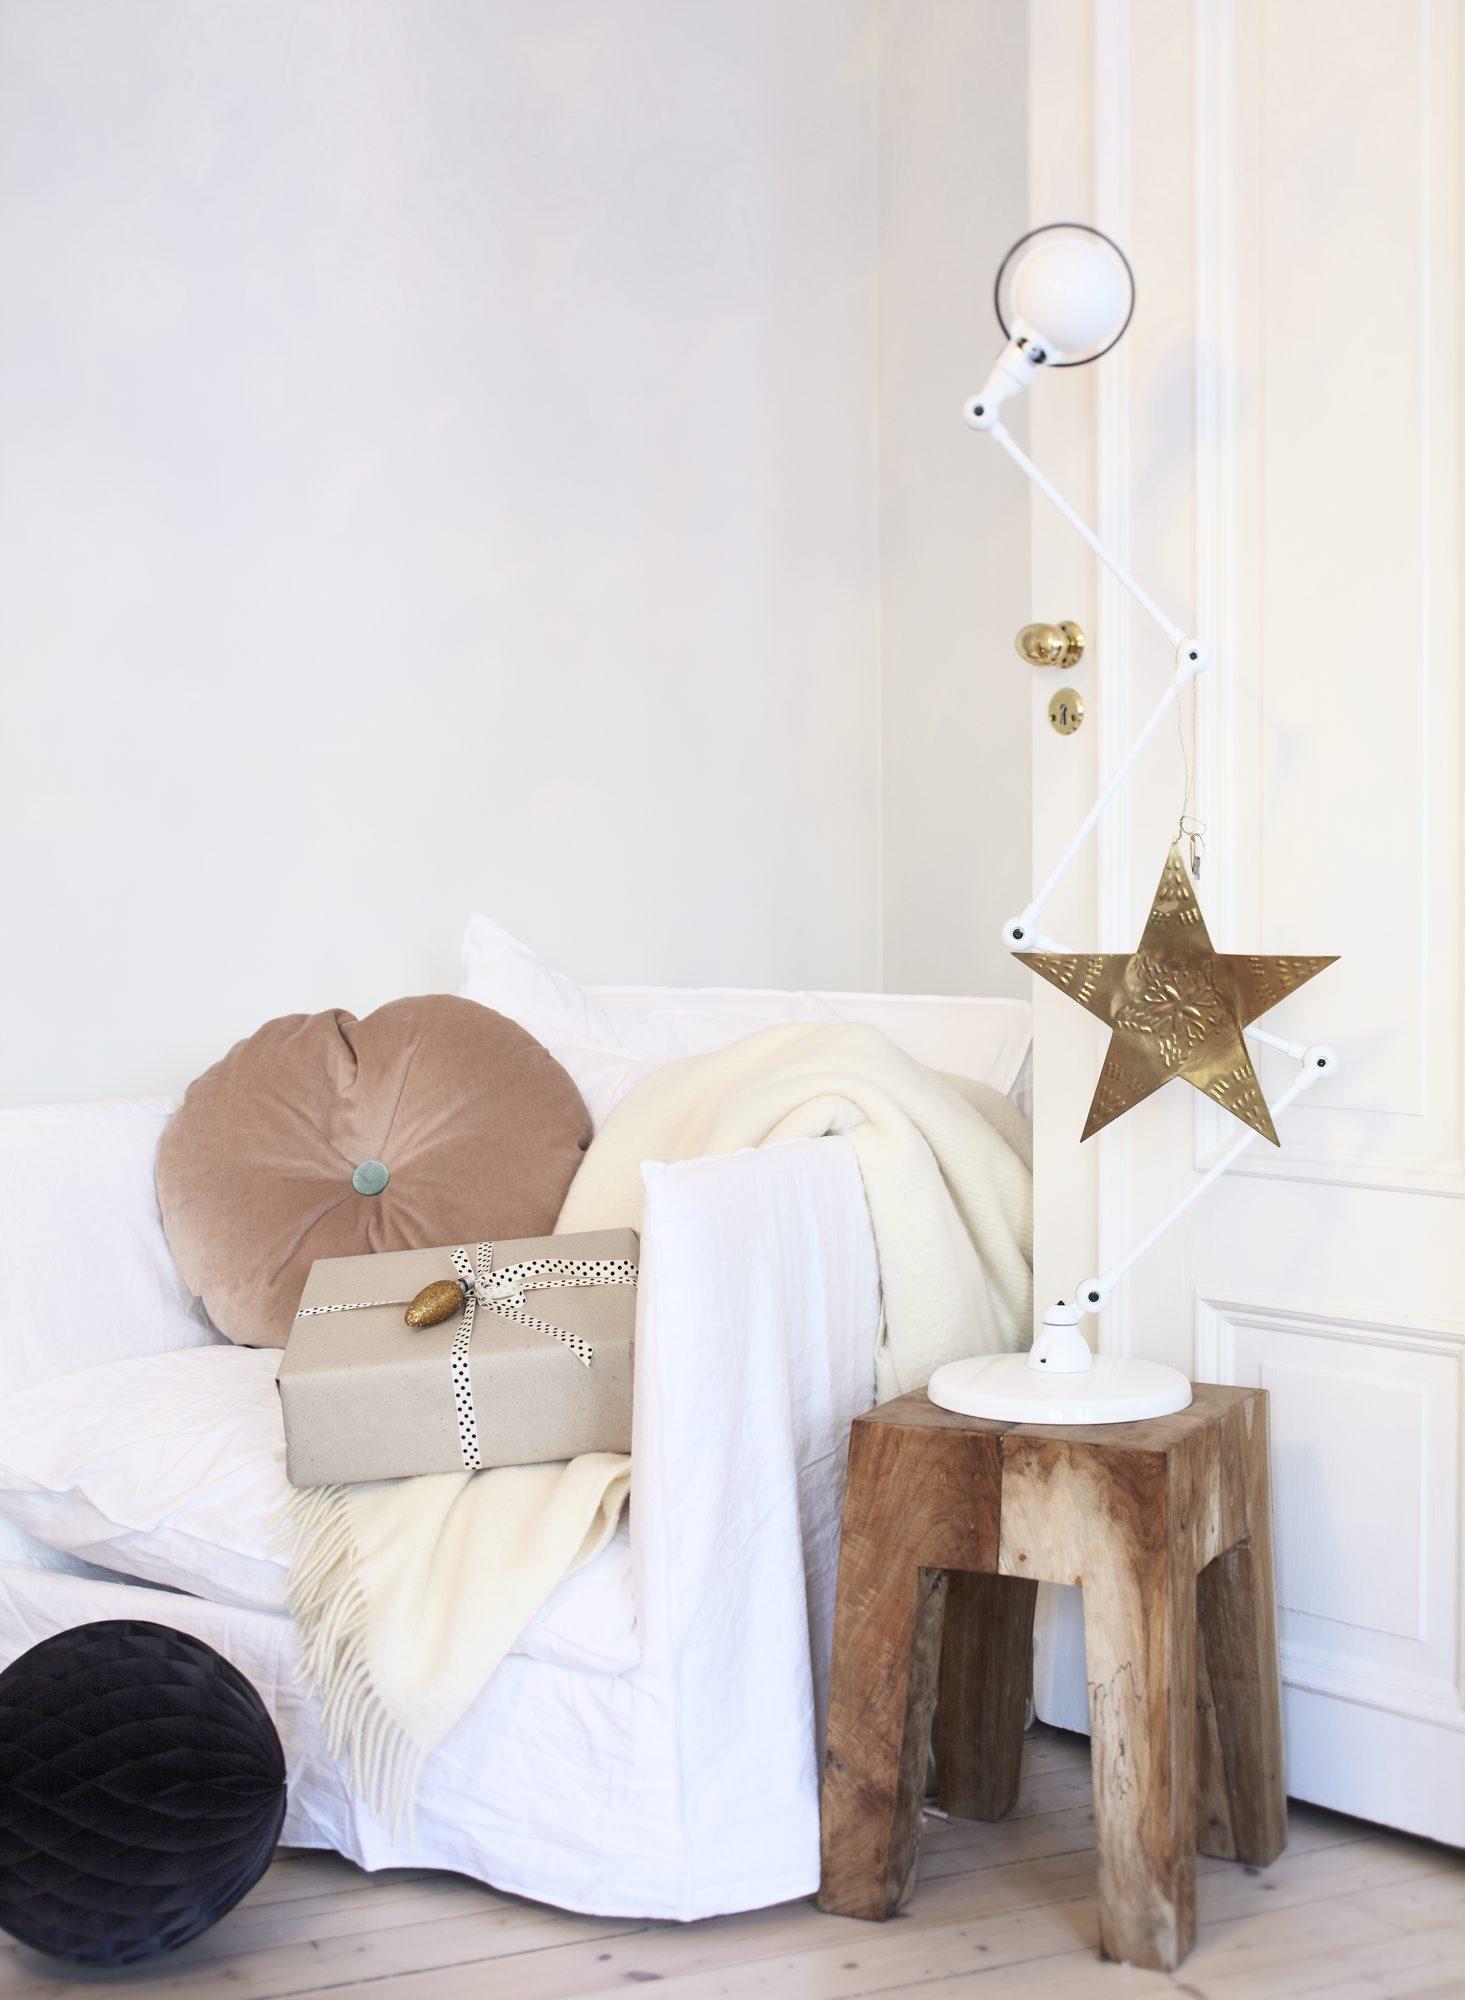 I den hvite Ghost-stolen fra Gervasoni ligger en velurpute fra Christina Lundsten/Muchi og et kremfarget ullpledd fra Åhléns. Papirballen er fra Bolina, og gavepapiret og båndet fra Panduro. På krakken fra Muubs står en Jielde-lampe fra Eske. Metallstjernen er fra Country Chic. FOTO: Margaret M. De Lange